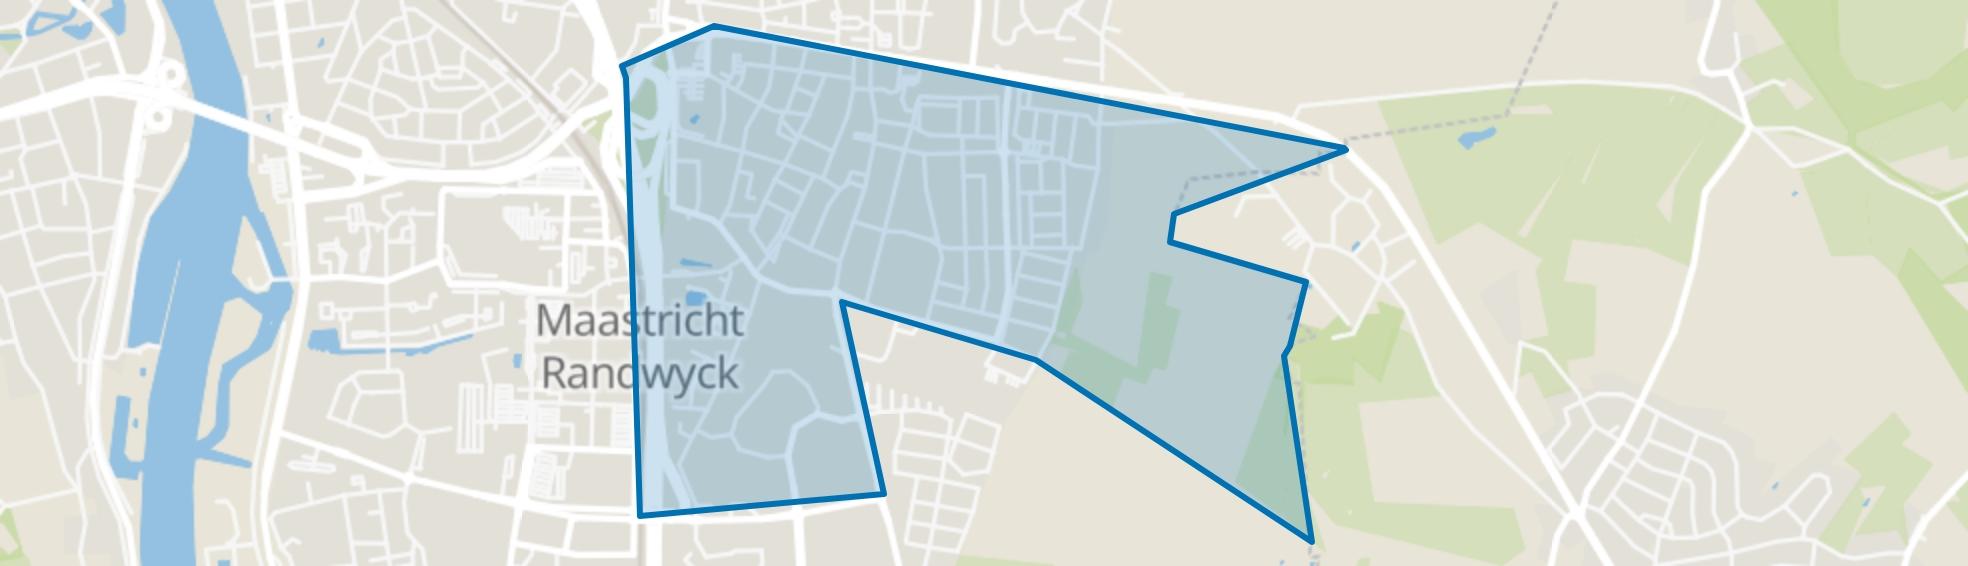 Heer, Maastricht map